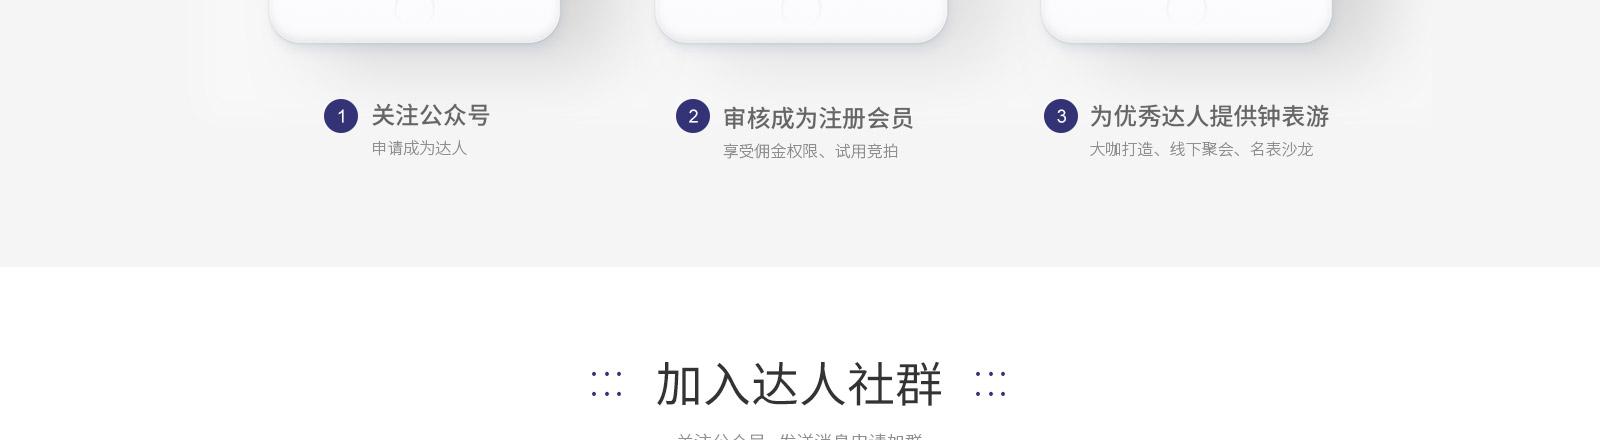 乐天堂fun88手机投注_乐天堂国际娱乐老虎机_乐天堂官网fun88